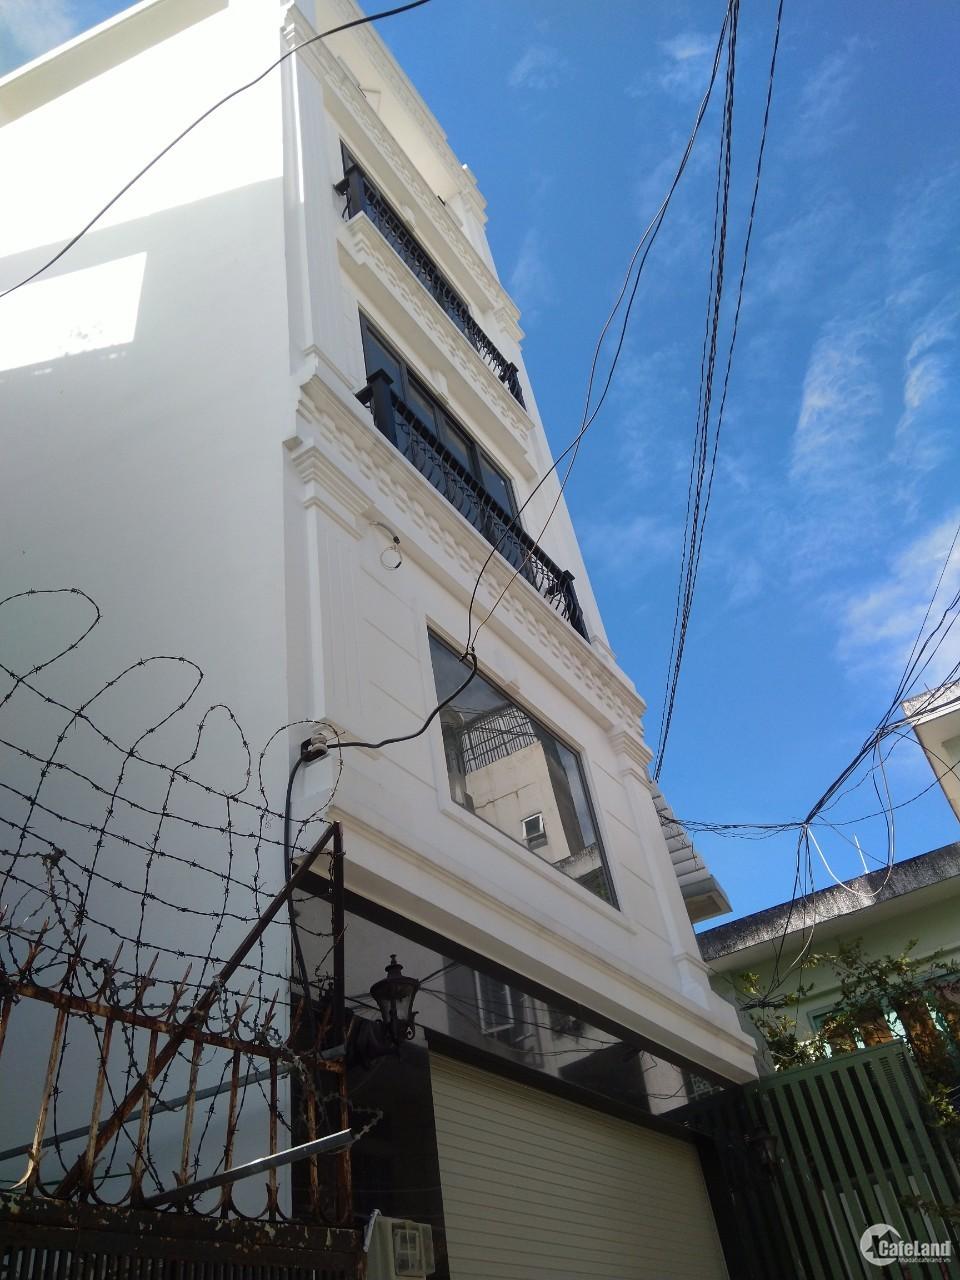 Bán nhà Nguyễn Văn Đậu, P7, Bình Thạnh, 65m2, 3 tầng, sổ hồng, 6,1 tỷ.